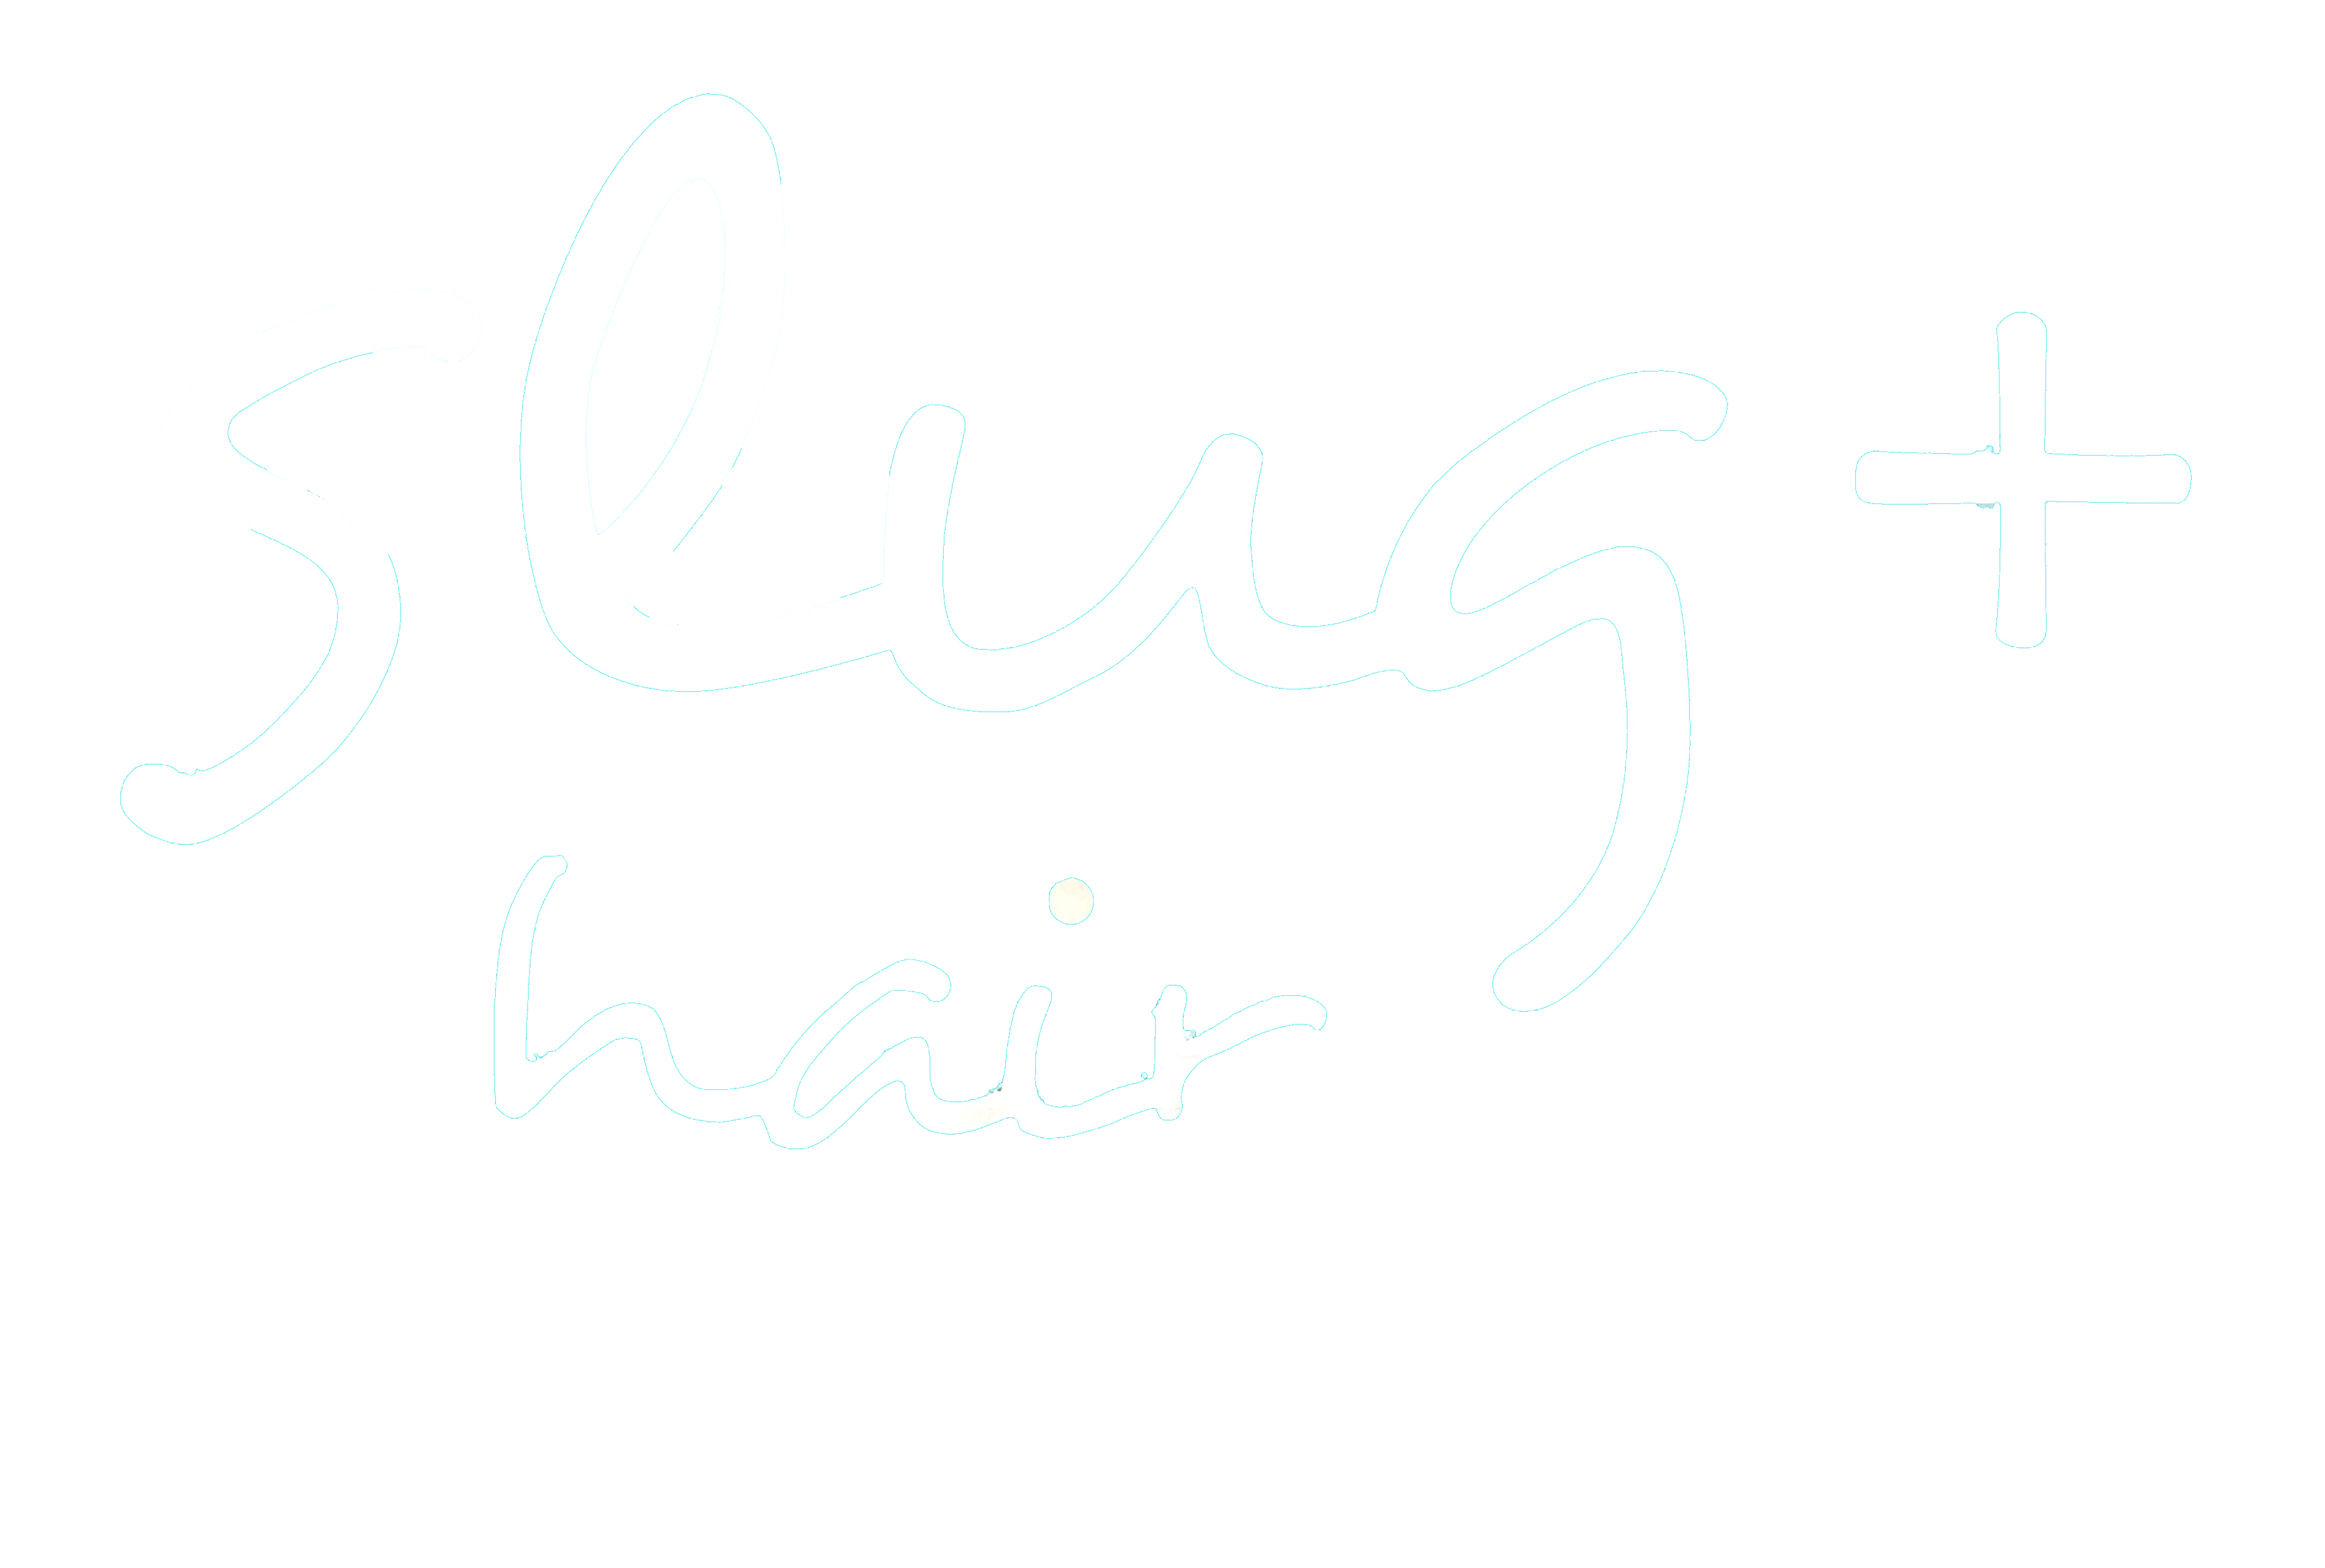 hair SLUG